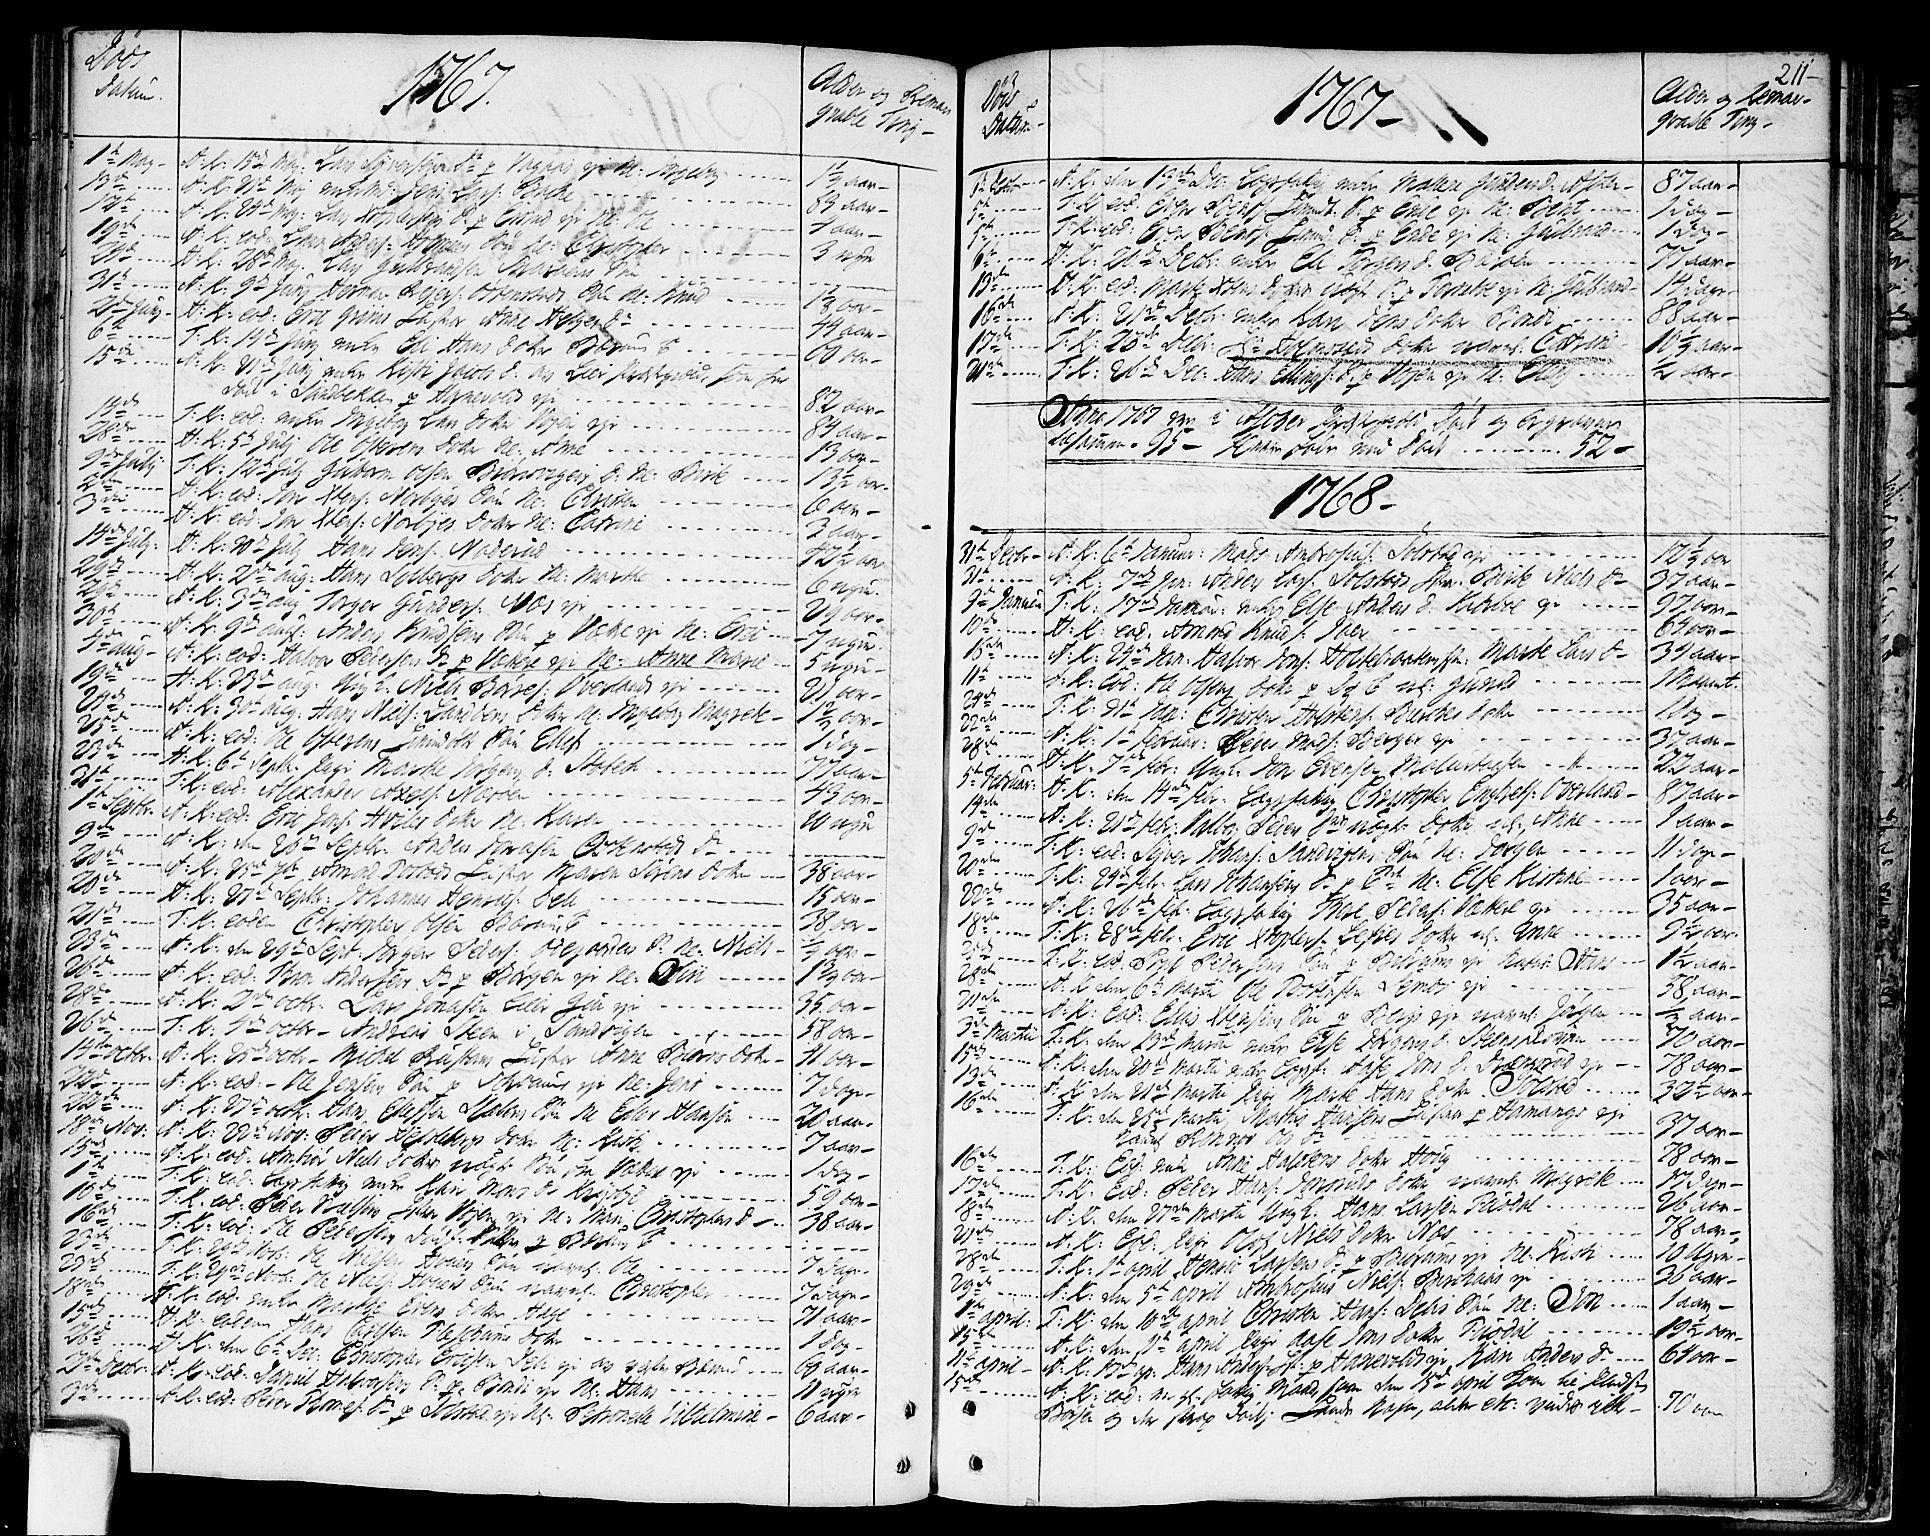 SAO, Asker prestekontor Kirkebøker, F/Fa/L0003: Ministerialbok nr. I 3, 1767-1807, s. 211